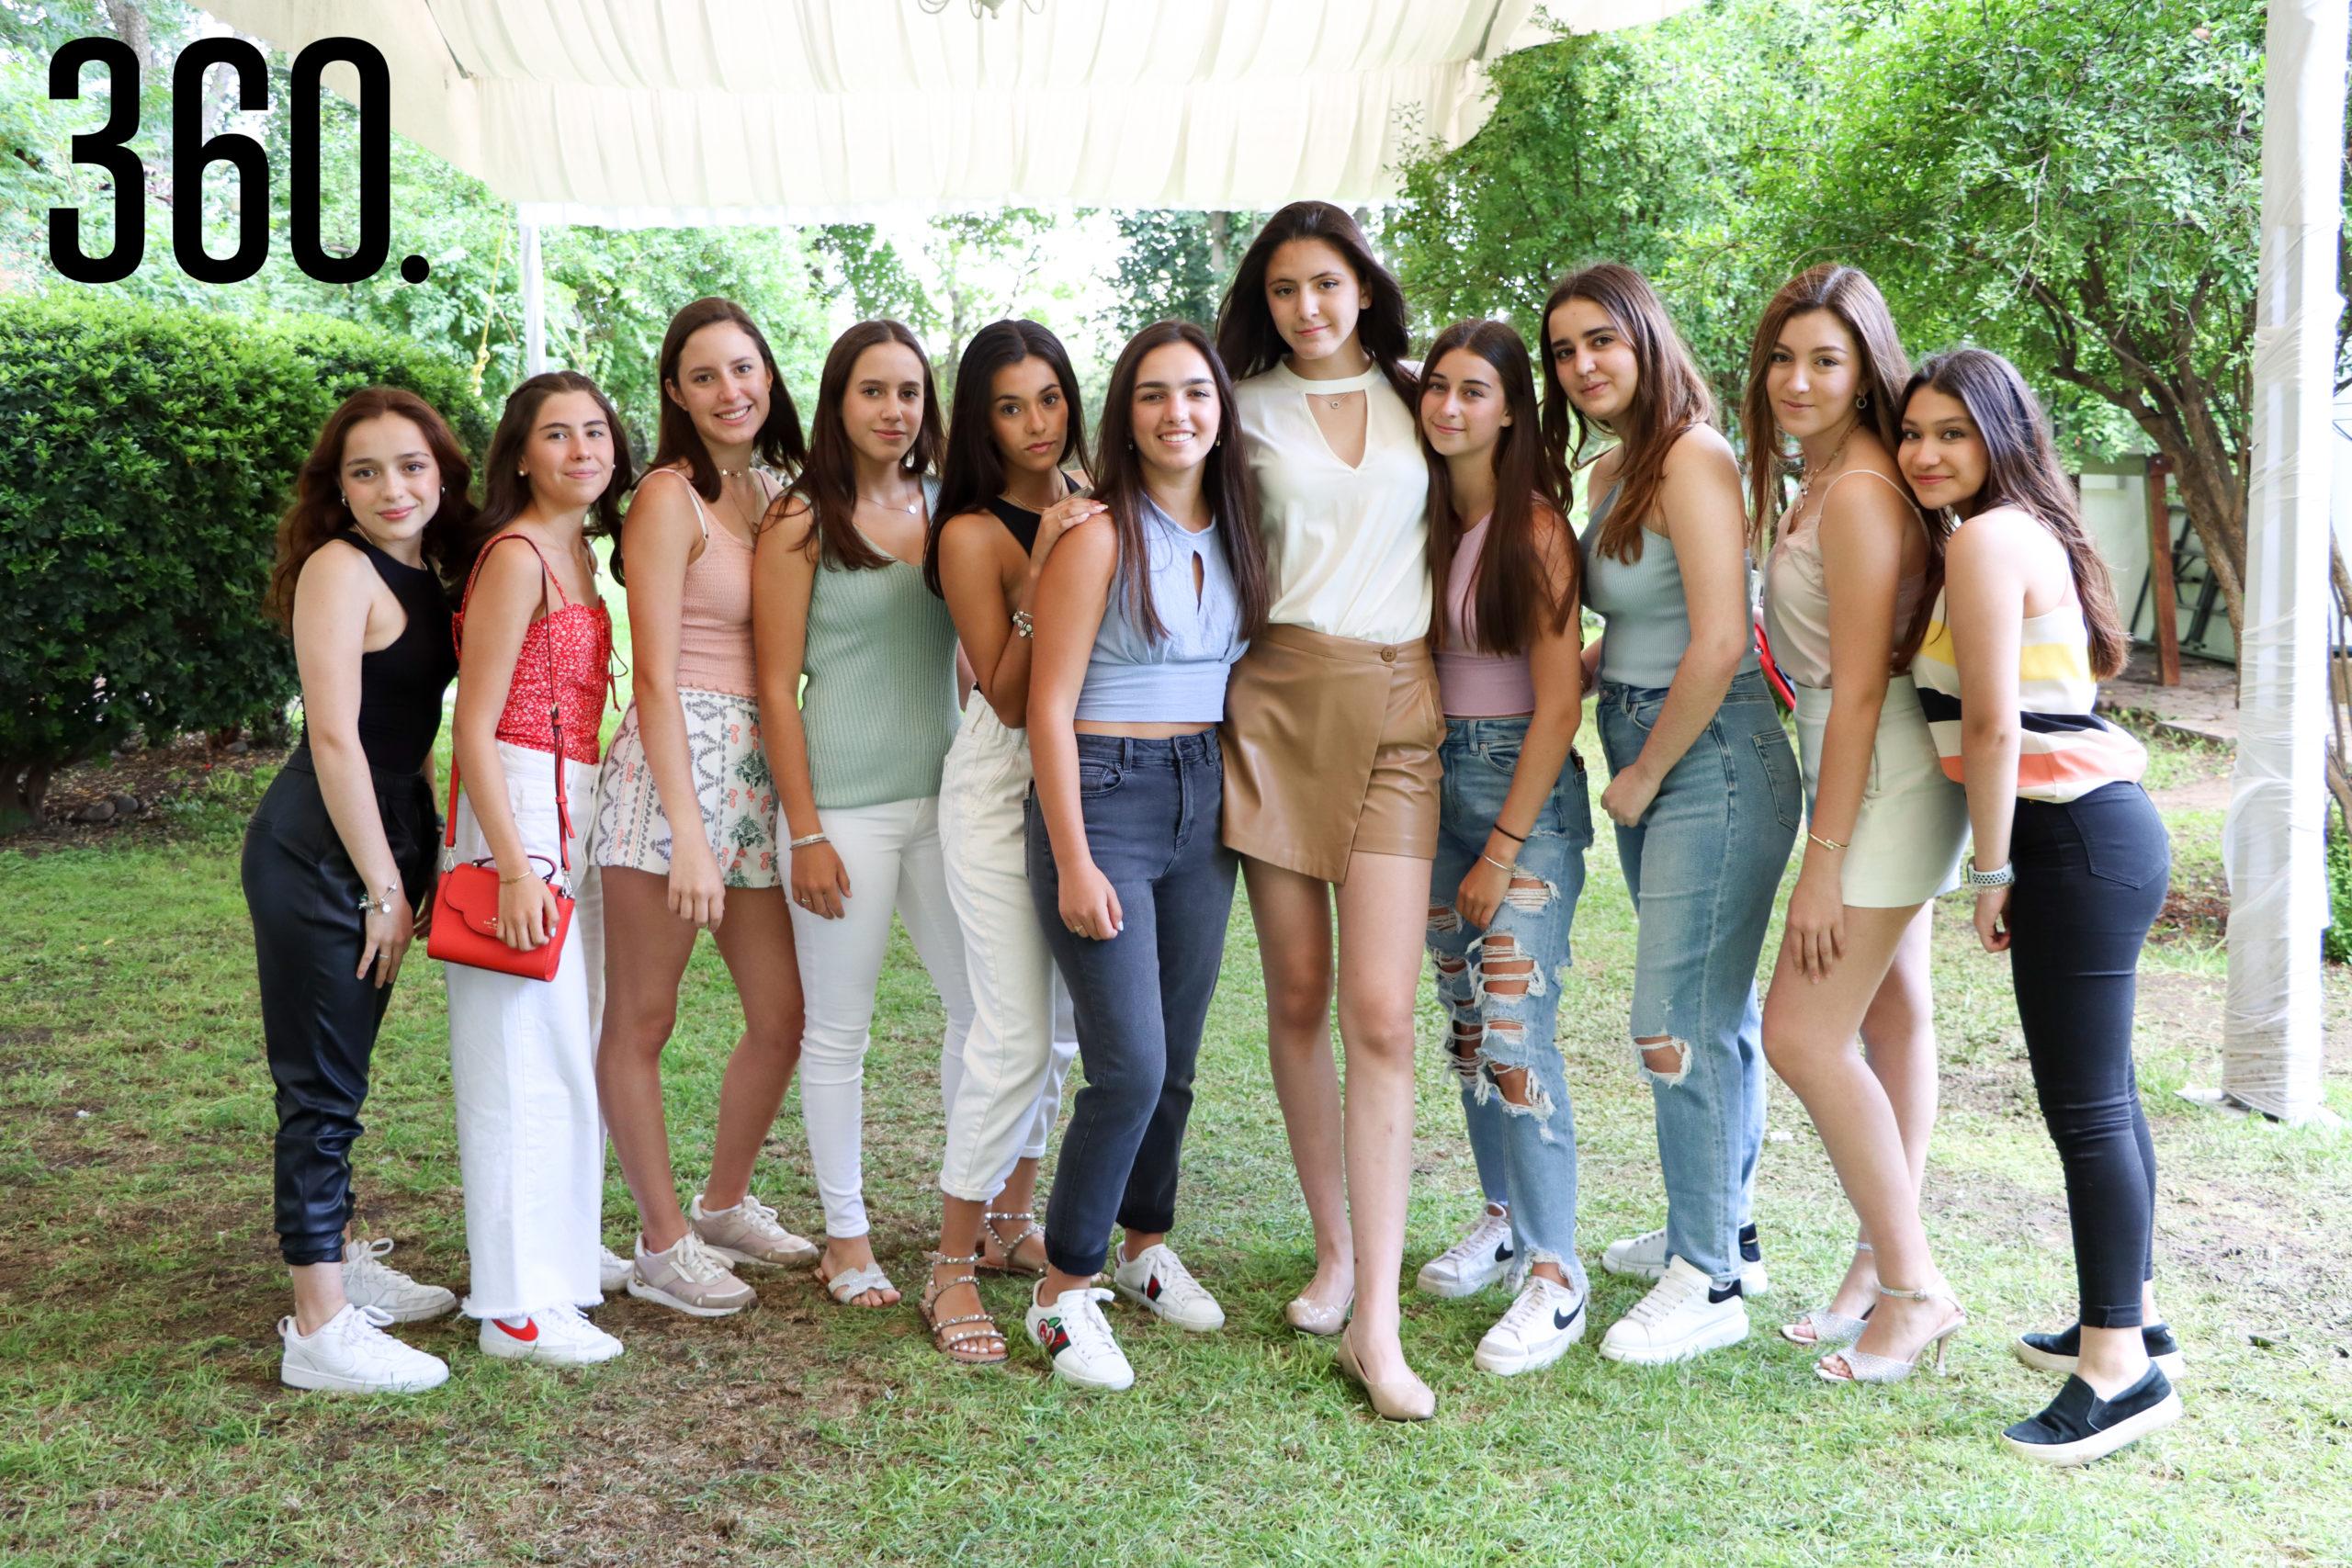 Isabella con sus amigas.